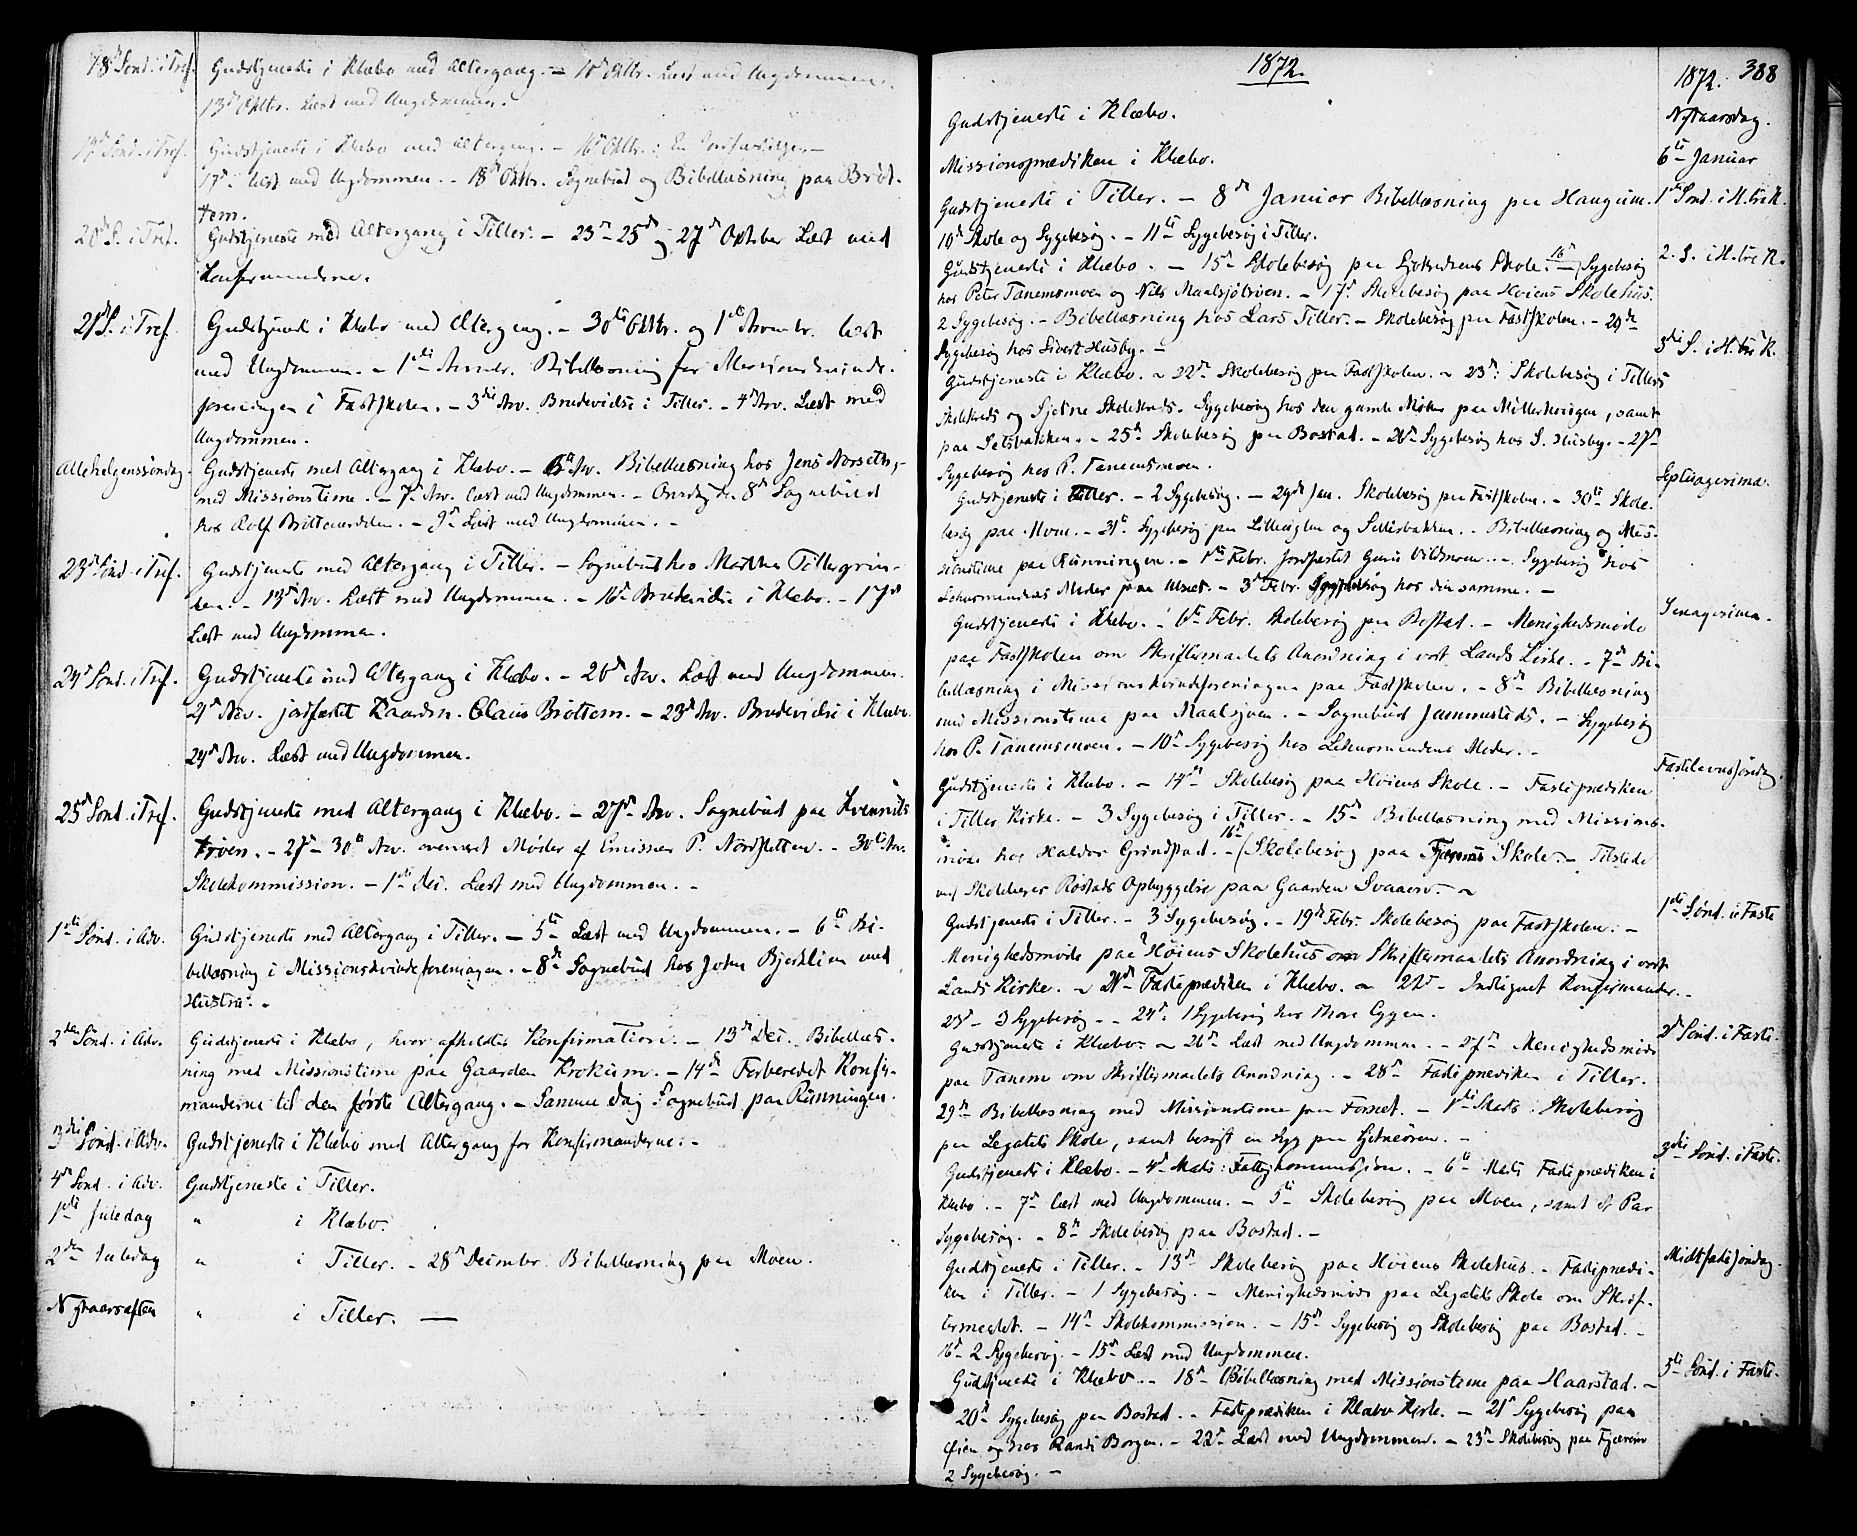 SAT, Ministerialprotokoller, klokkerbøker og fødselsregistre - Sør-Trøndelag, 618/L0442: Ministerialbok nr. 618A06 /1, 1863-1879, s. 388